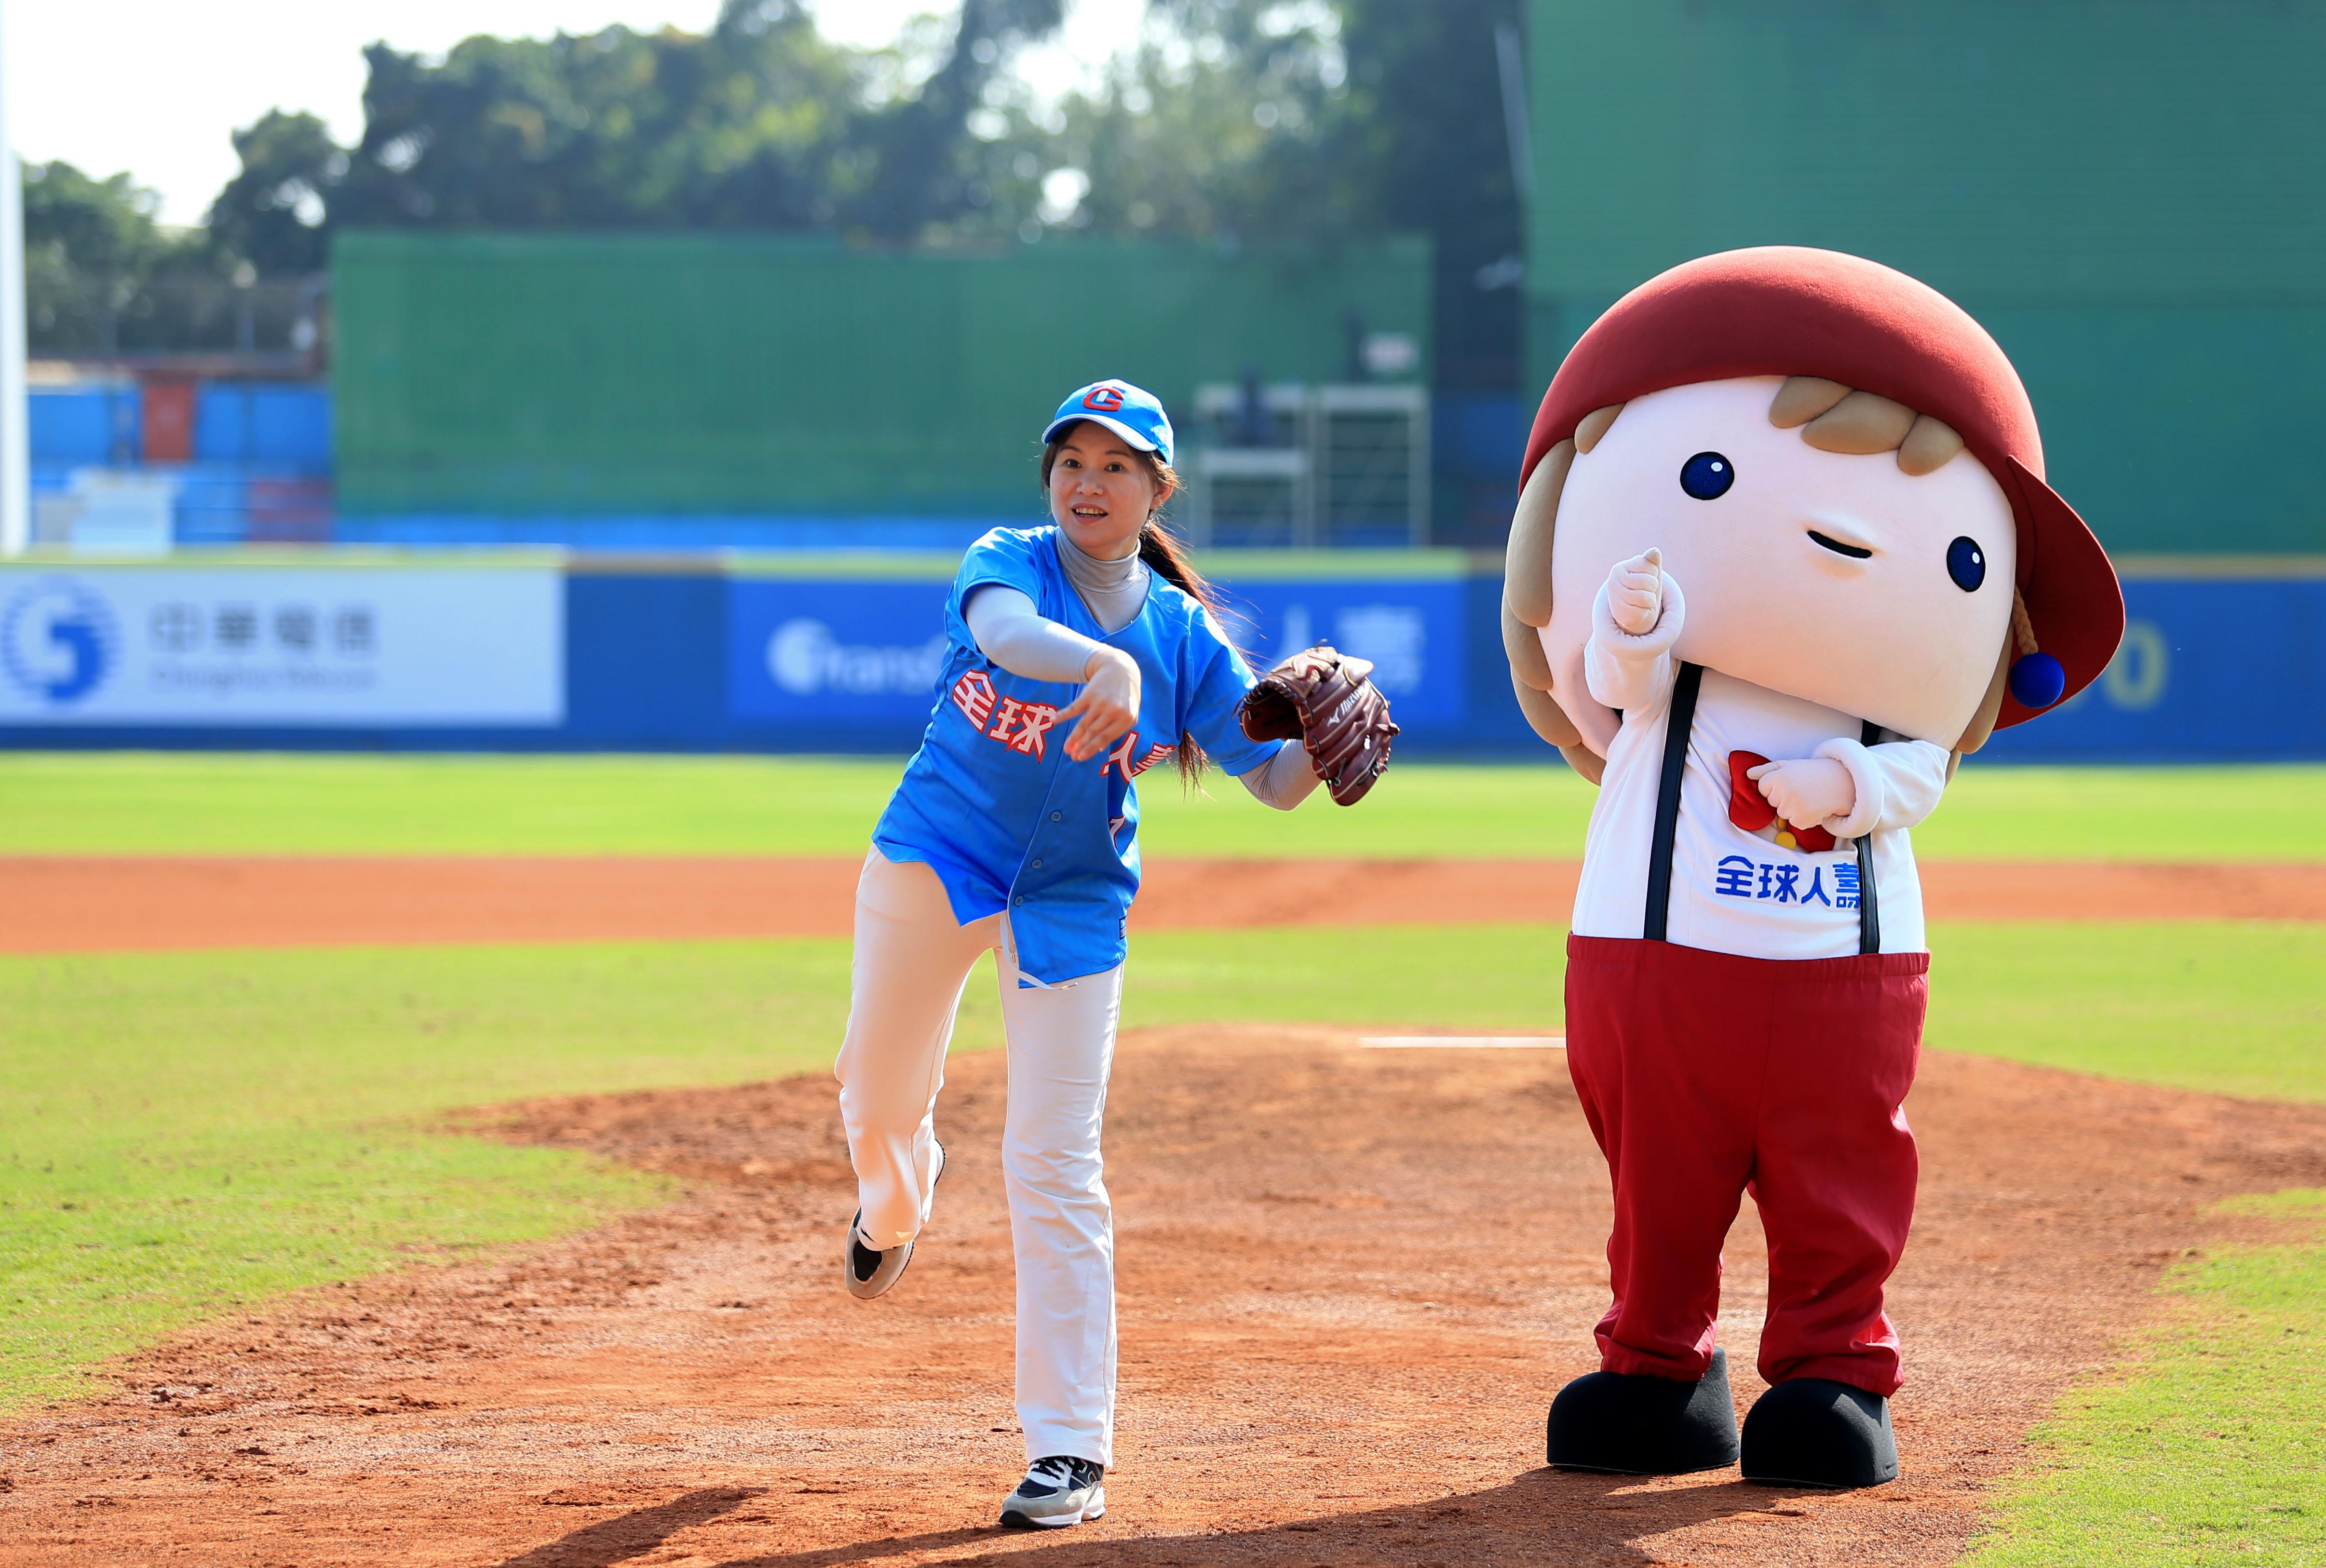 全球人壽 全心愛棒球 冠名贊助